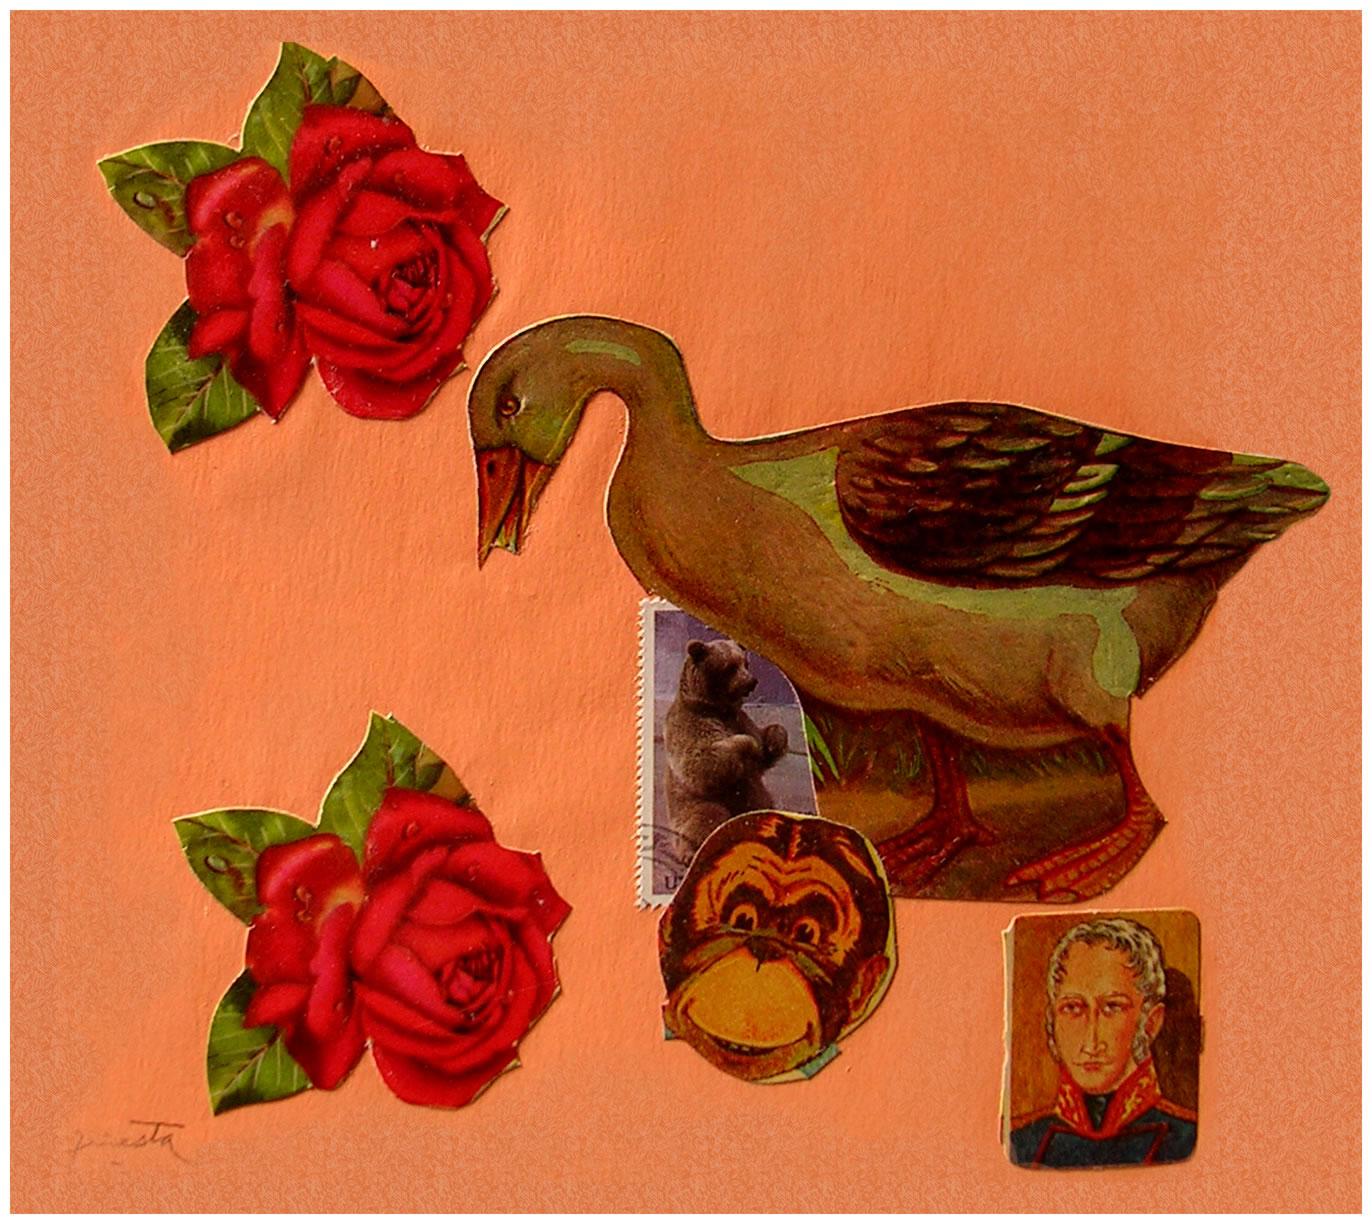 El pato y el mono,  papel collage, 15 cm x 15 cm, 1999